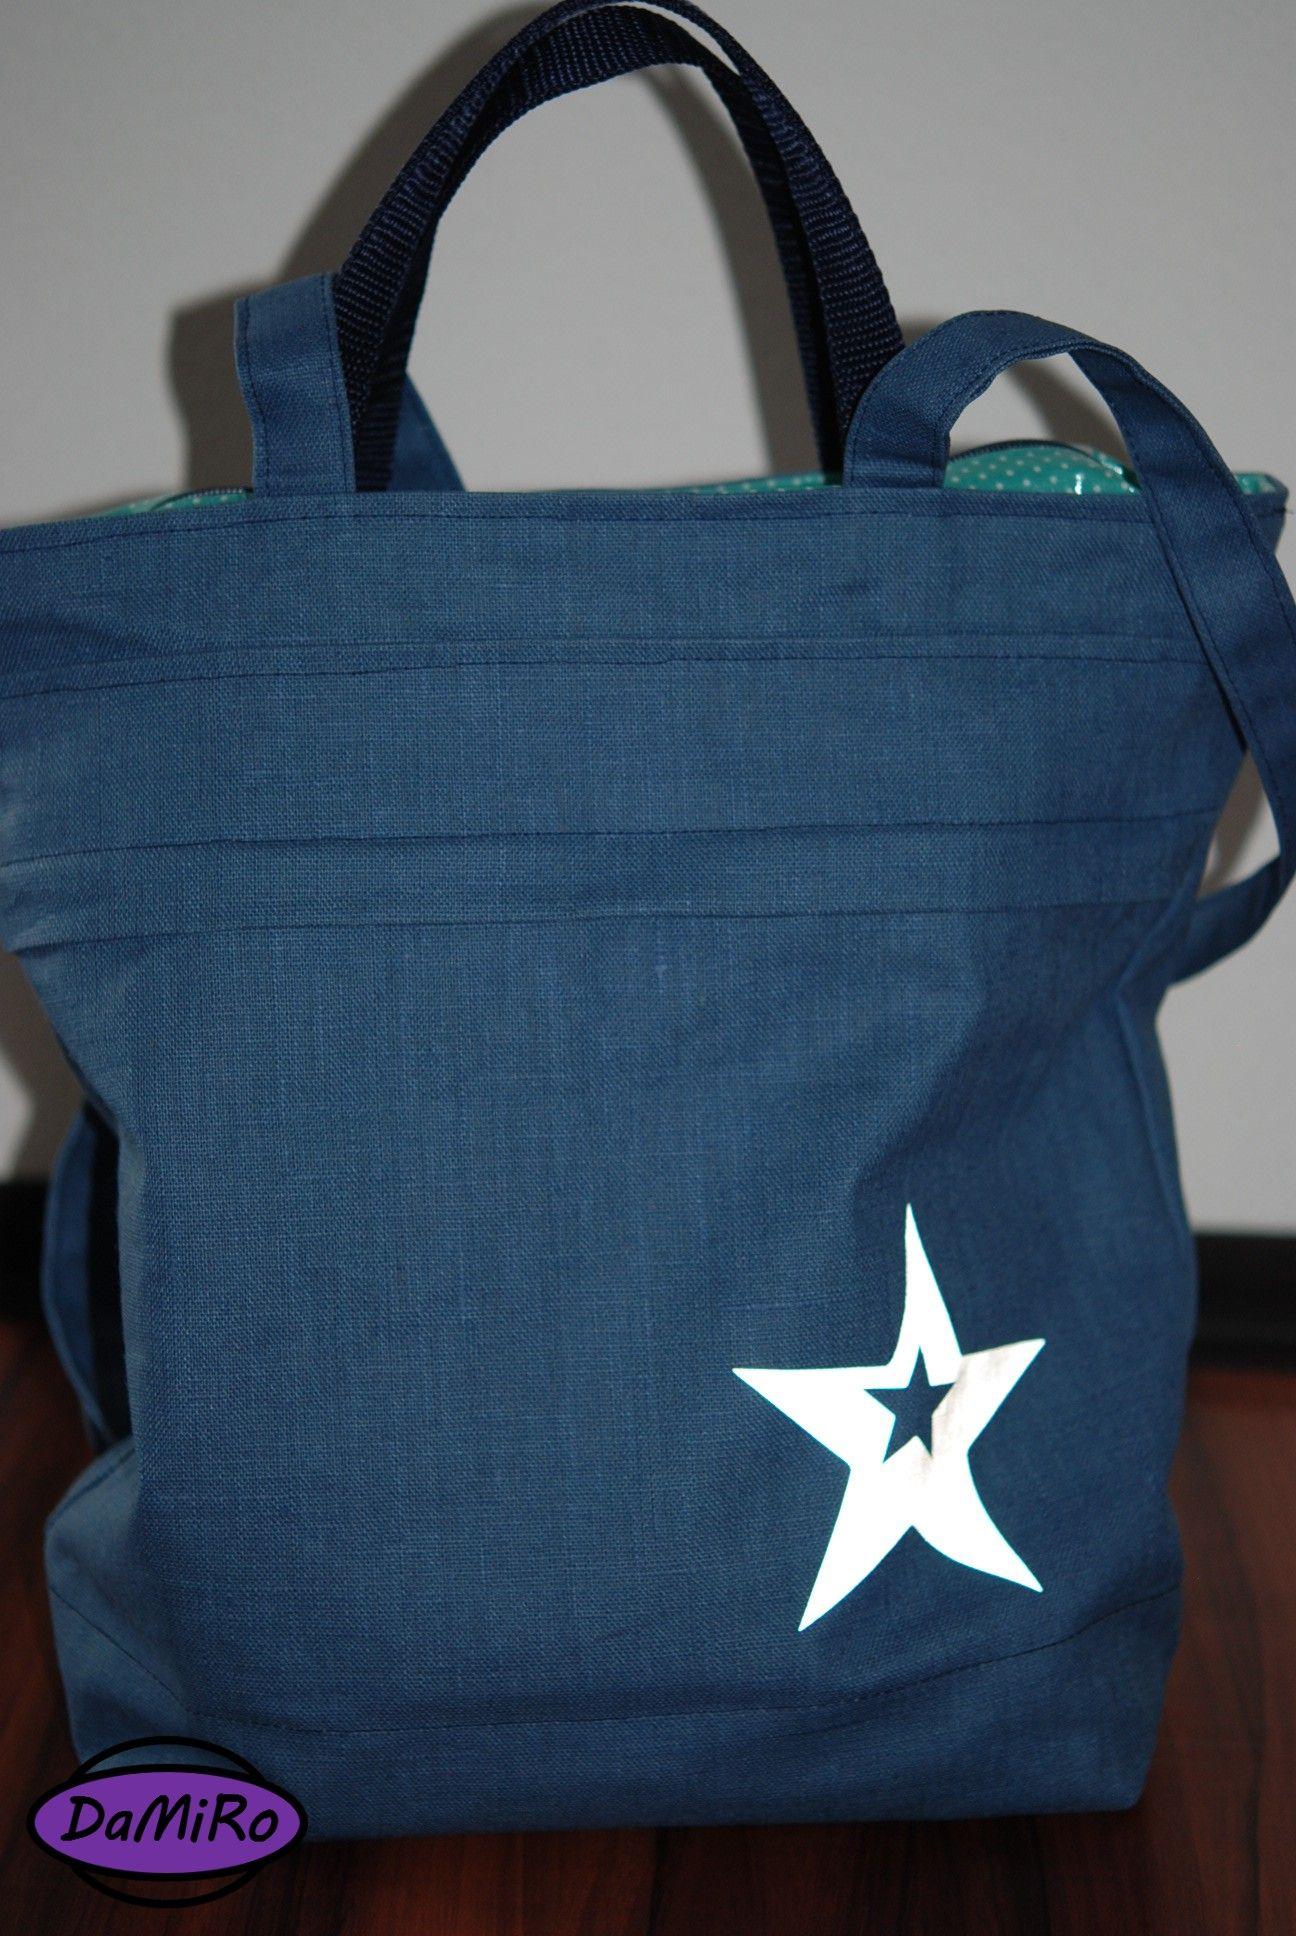 Rucksacktasche Paula Blueblabla   Taschen, Rucksack tasche